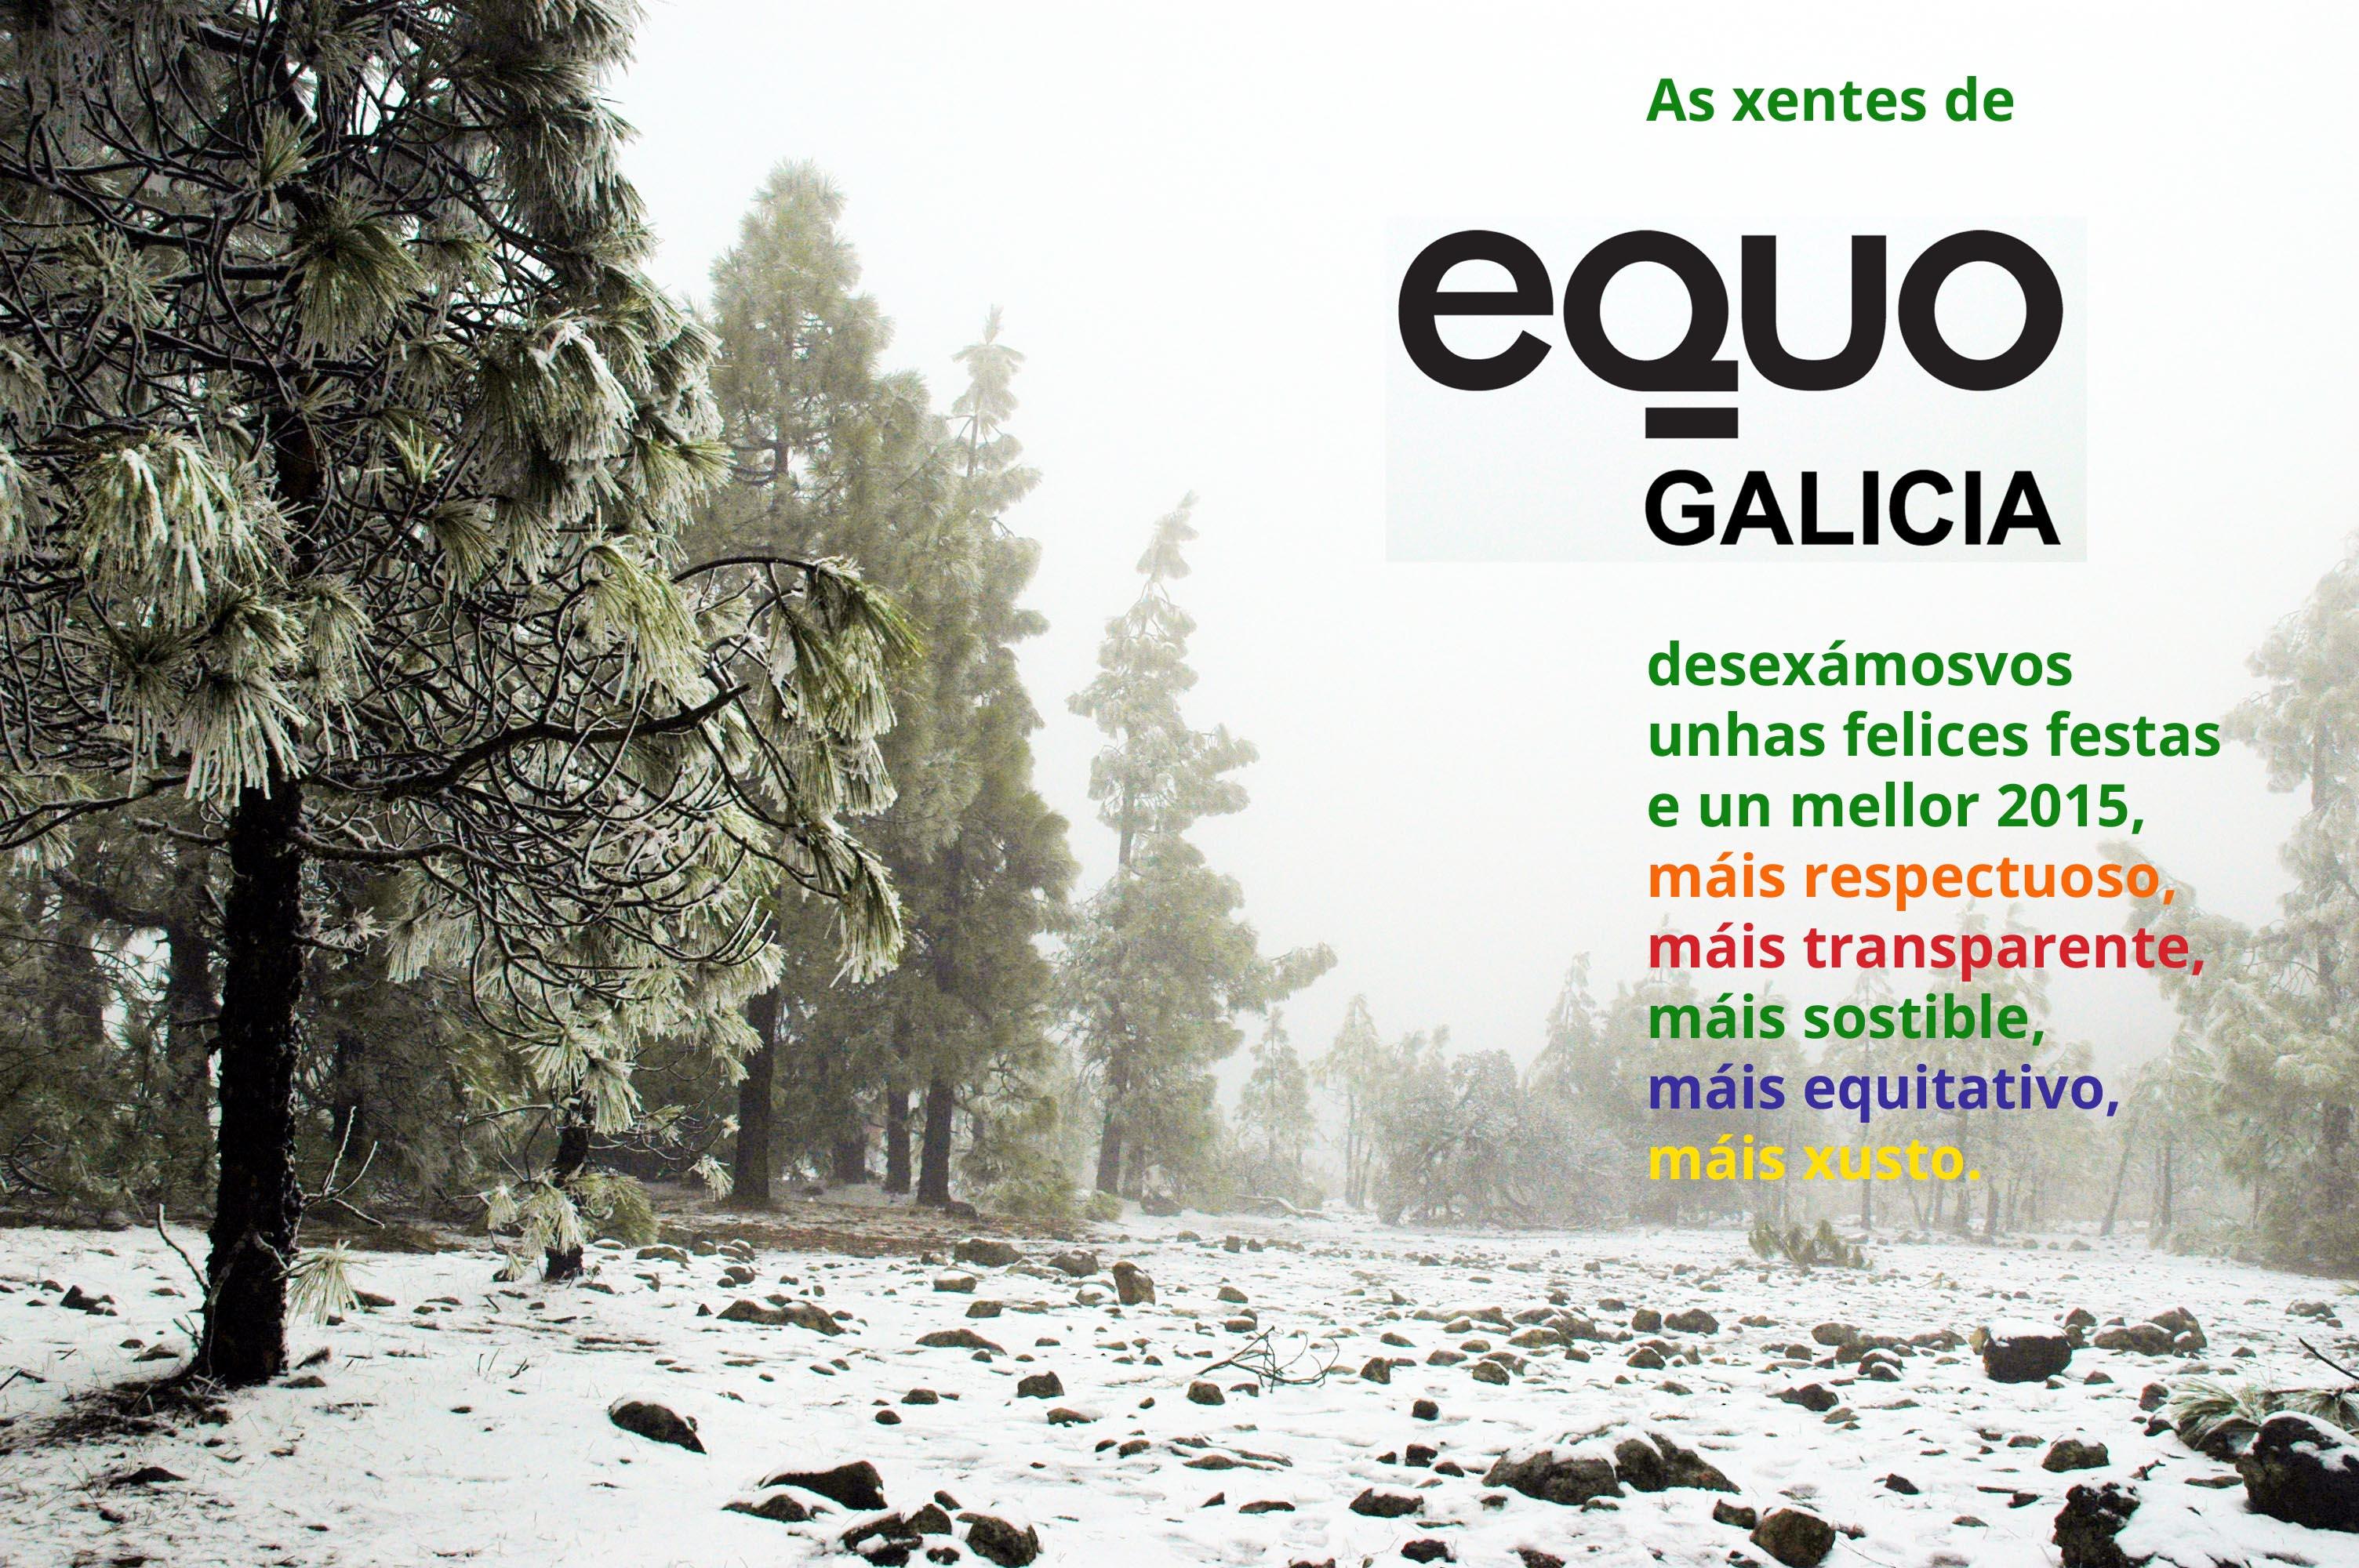 As xentes de EQUO Galicia desexámosvos unhas felices festas e un mellor 2015, máis respetuoso, máis transparente, máis sostible, máis equitativo, máis xusto.